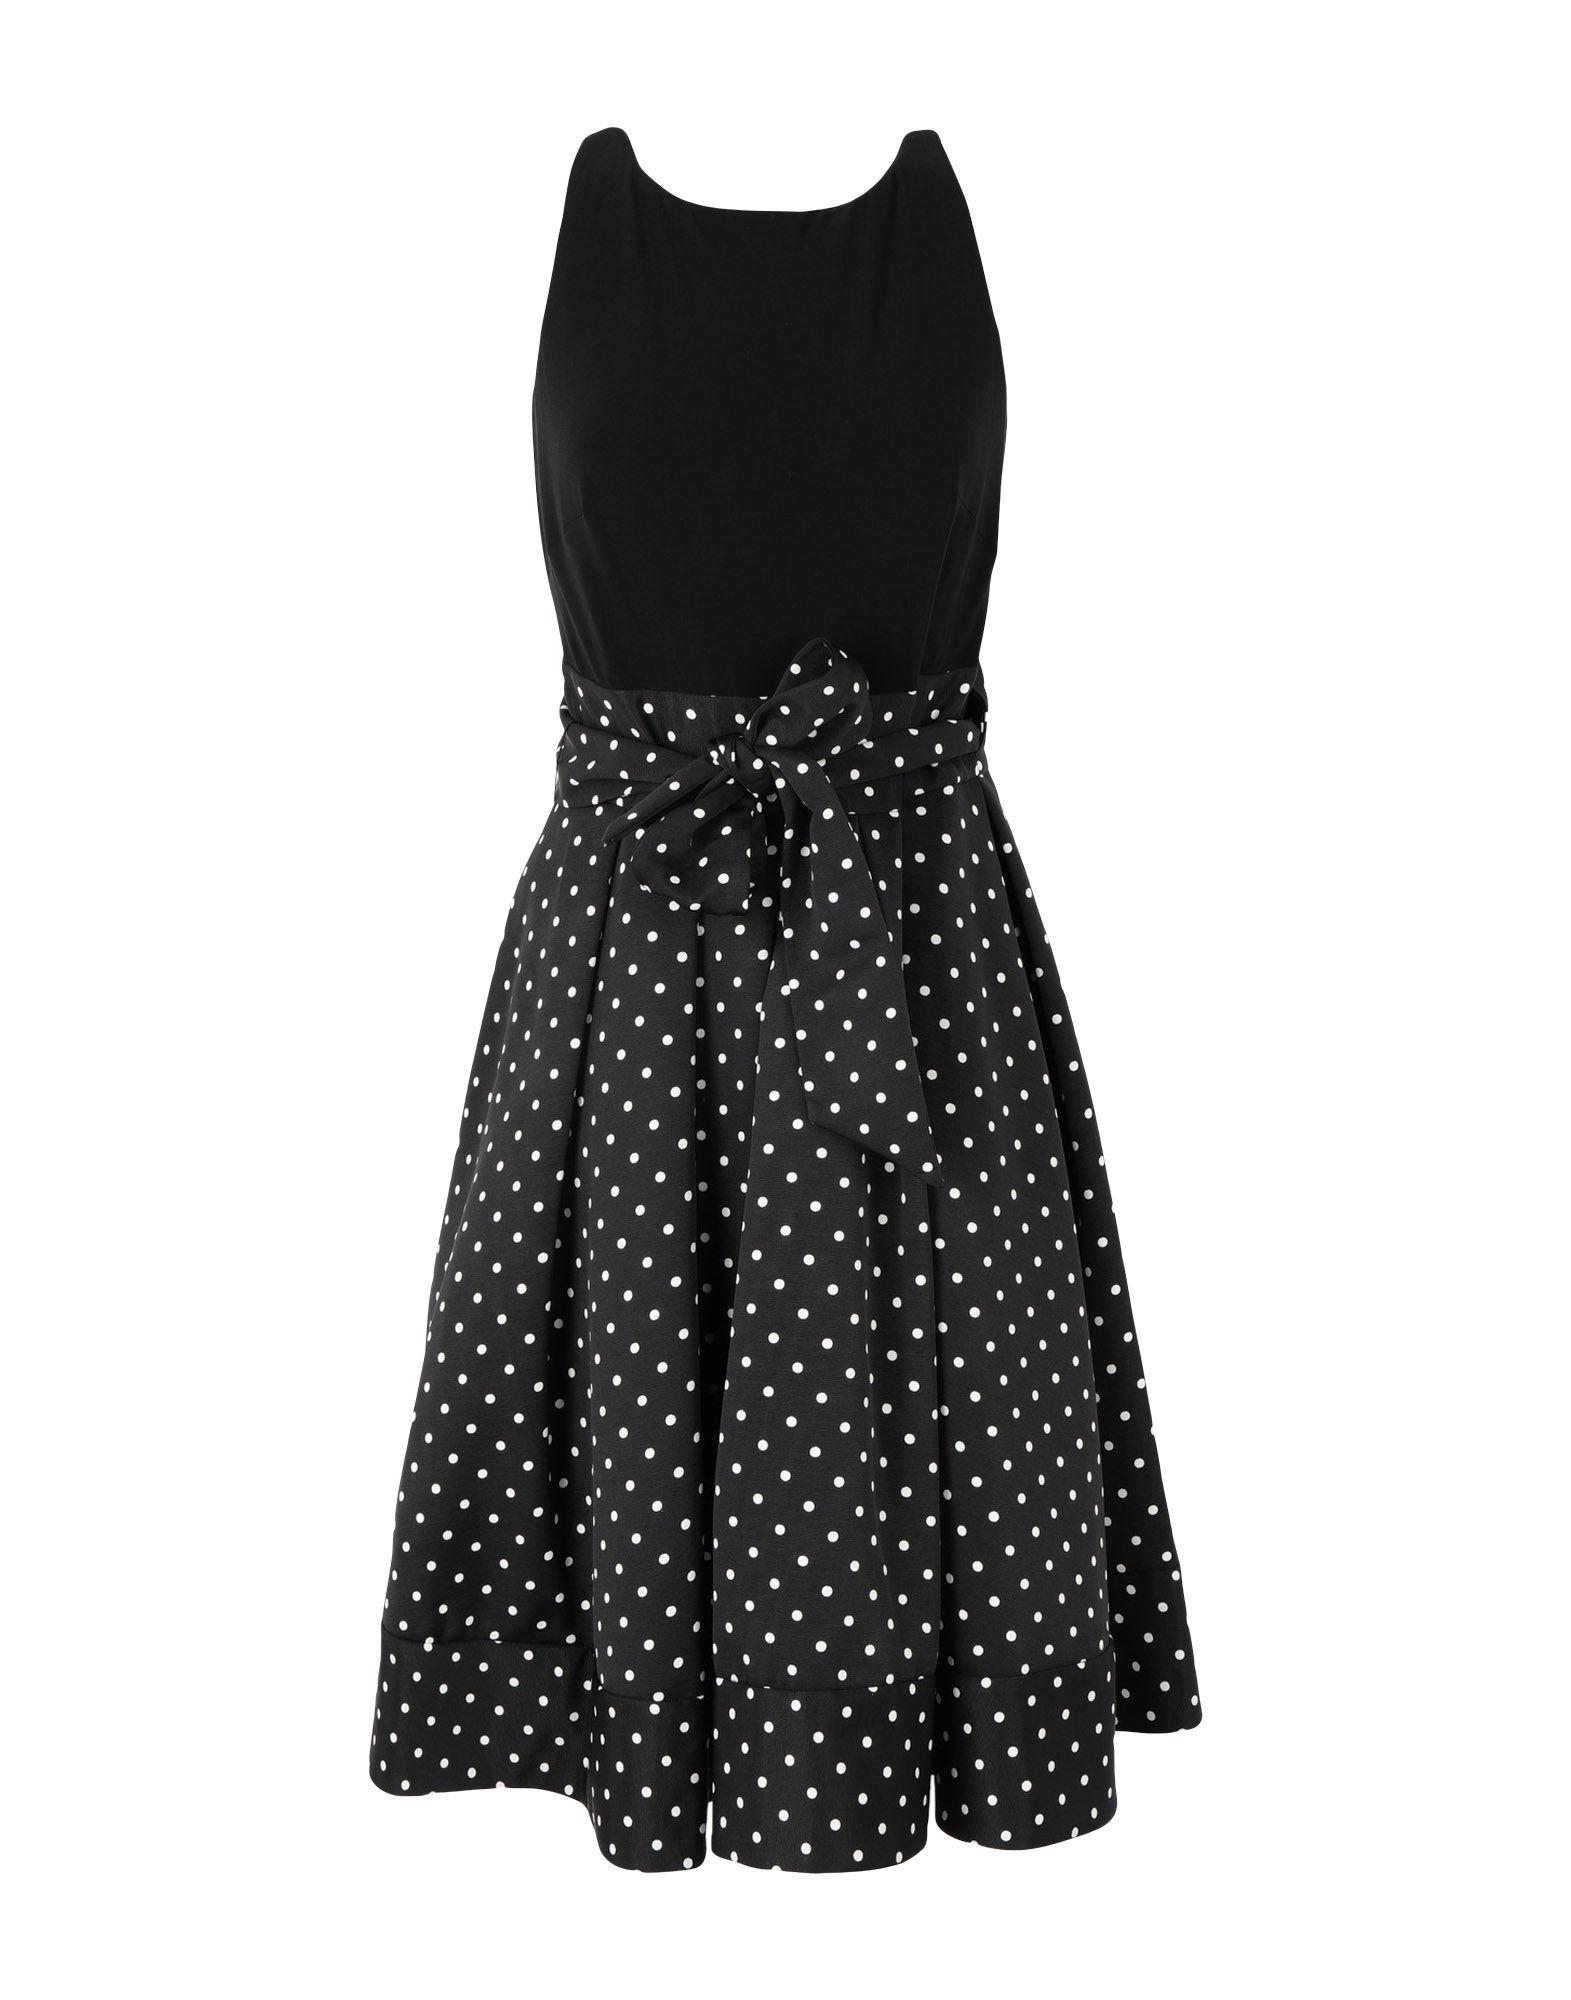 《送料無料》LAUREN RALPH LAUREN レディース ひざ丈ワンピース ブラック 2 ポリエステル 100% Polka Dot Fit and Flare Dress